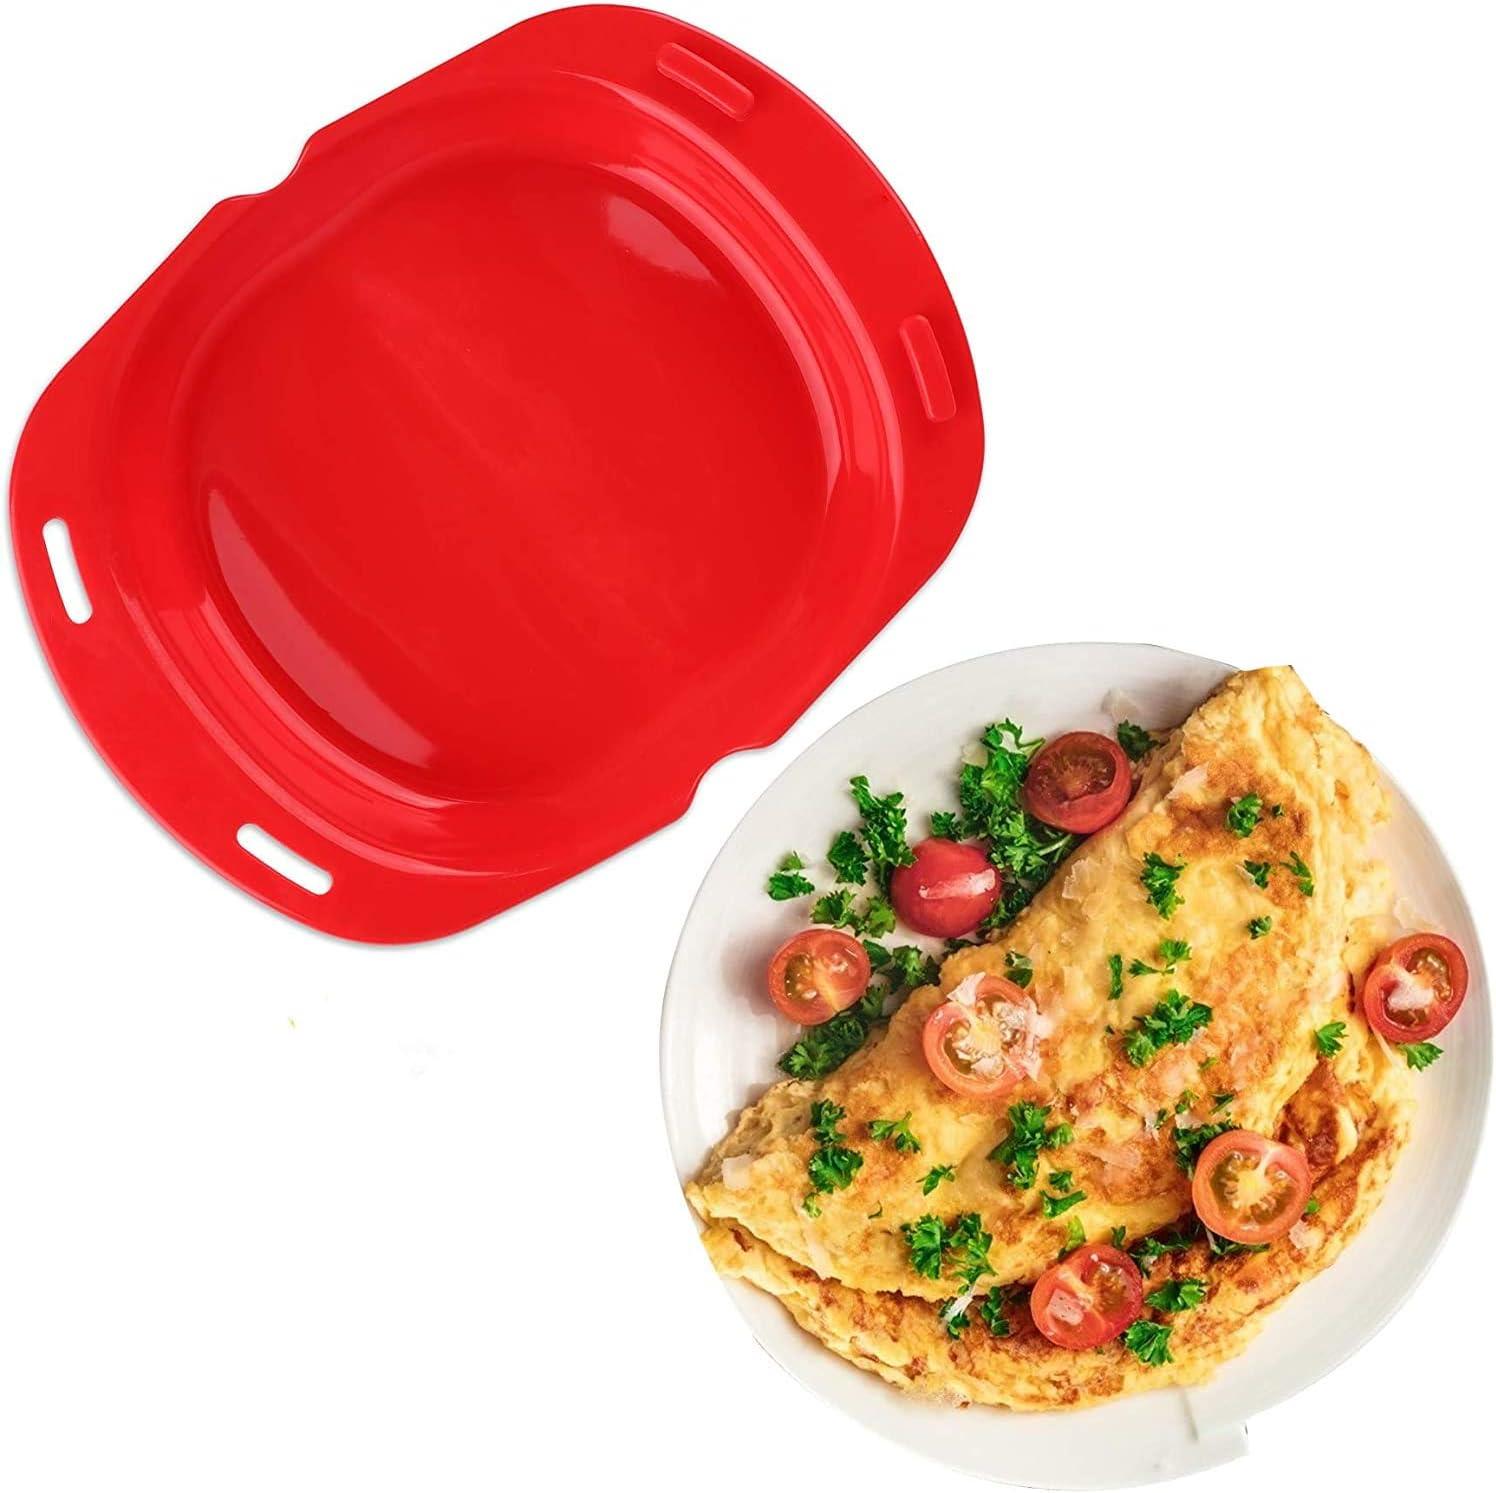 Silicone Omelette Maker, labato Egg Roll Baking Pan Omelette Tools, Quick Breakfast Maker Home Lunch Dinner Maker Microwave Oven Omelette Maker Non Stick Fluffy Omelet Maker Vegetable Steamer (Red)